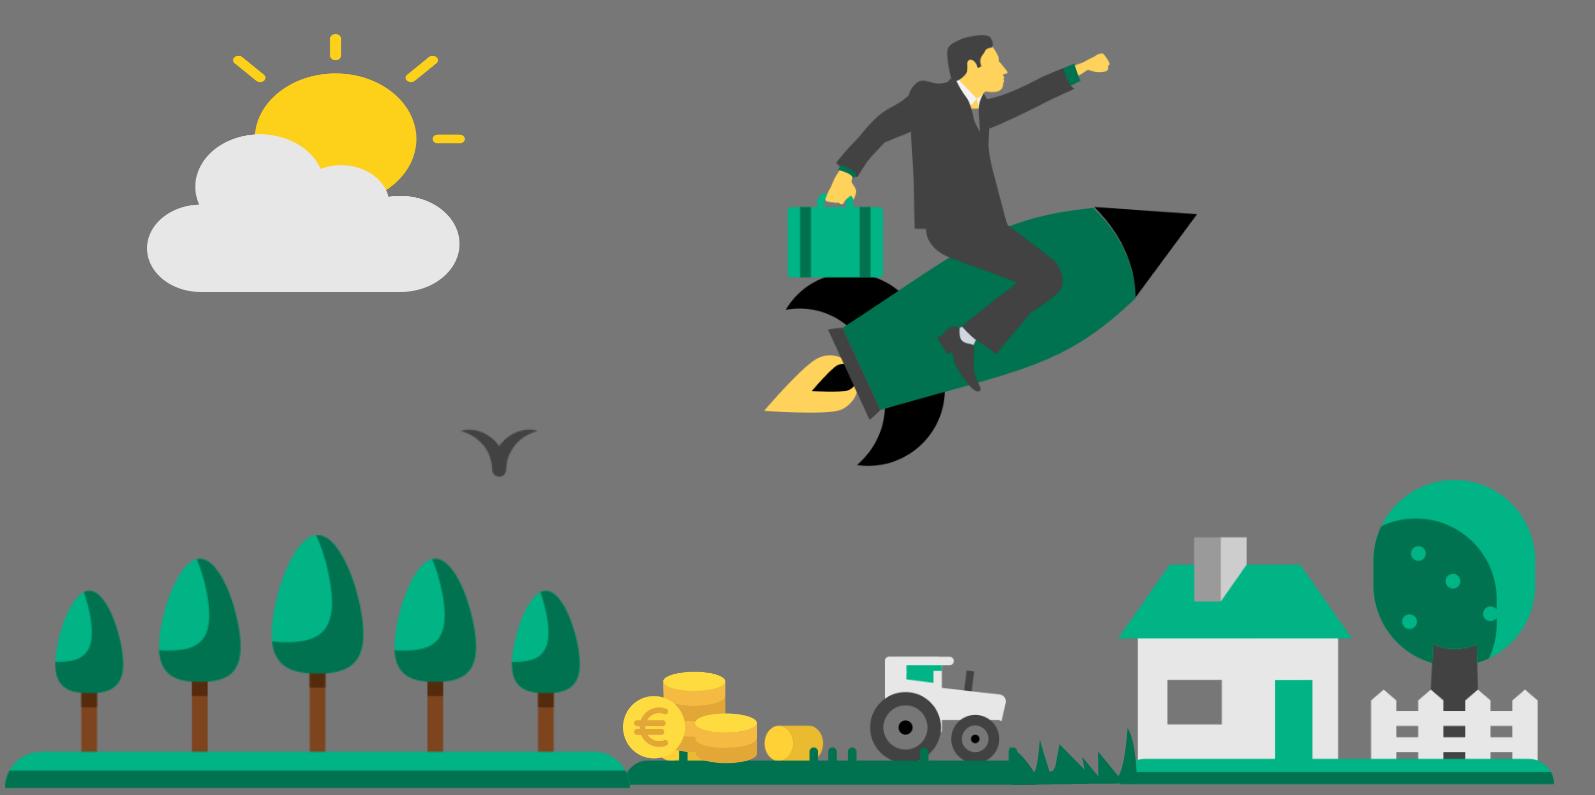 Bespovratne potpore za poduzetnika_Gooma sustav (2)